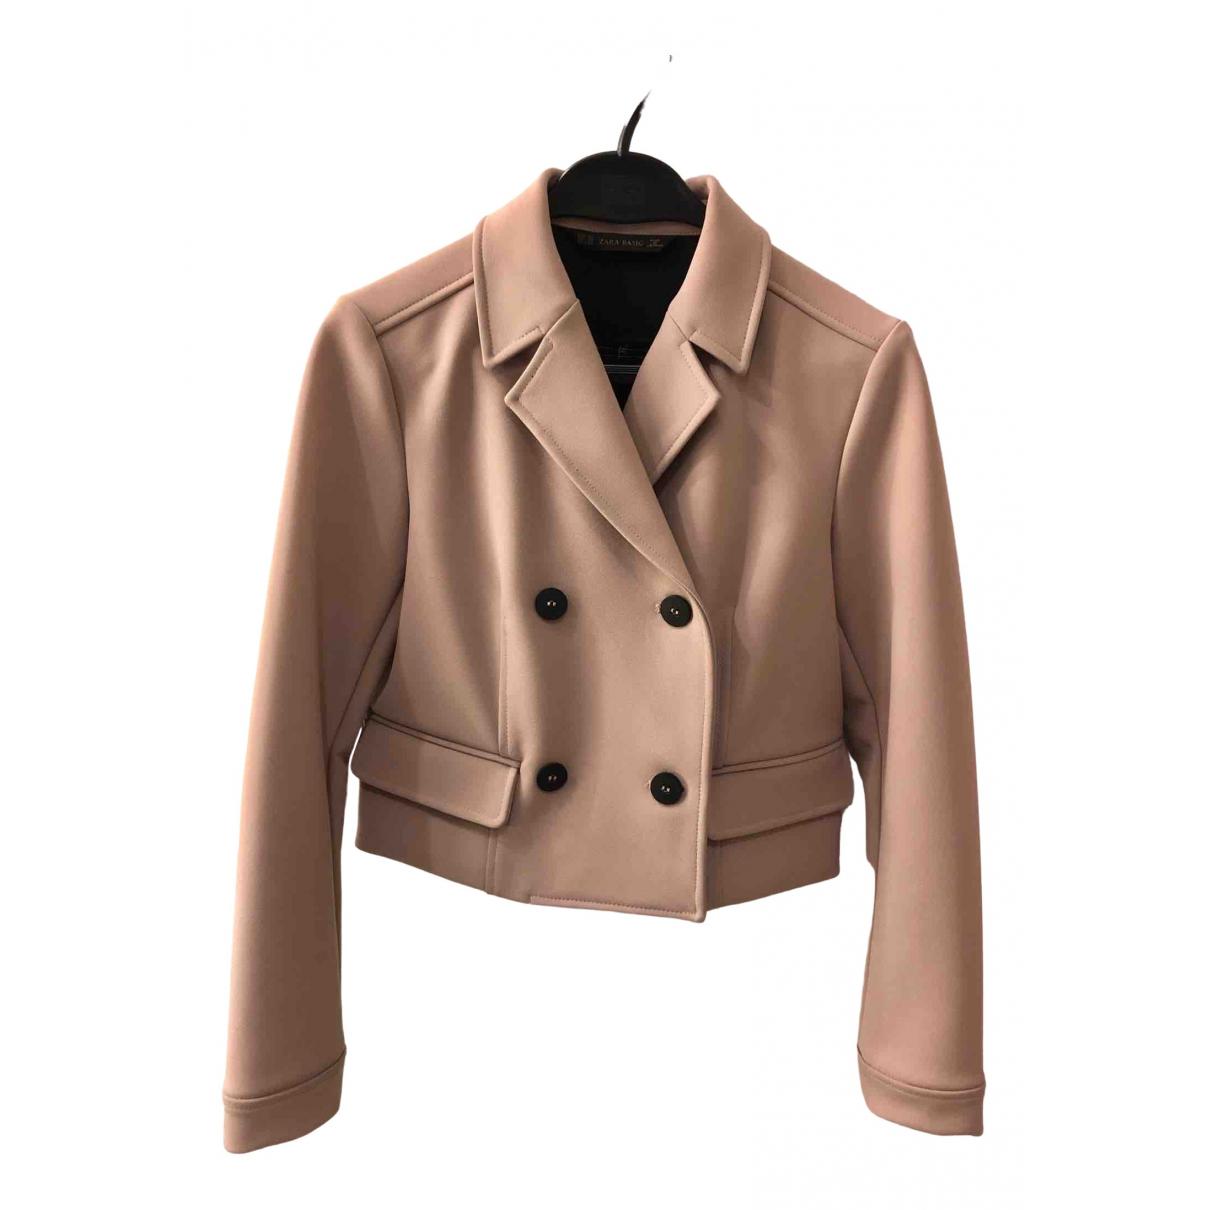 Zara \N Jacke in  Rosa Polyester